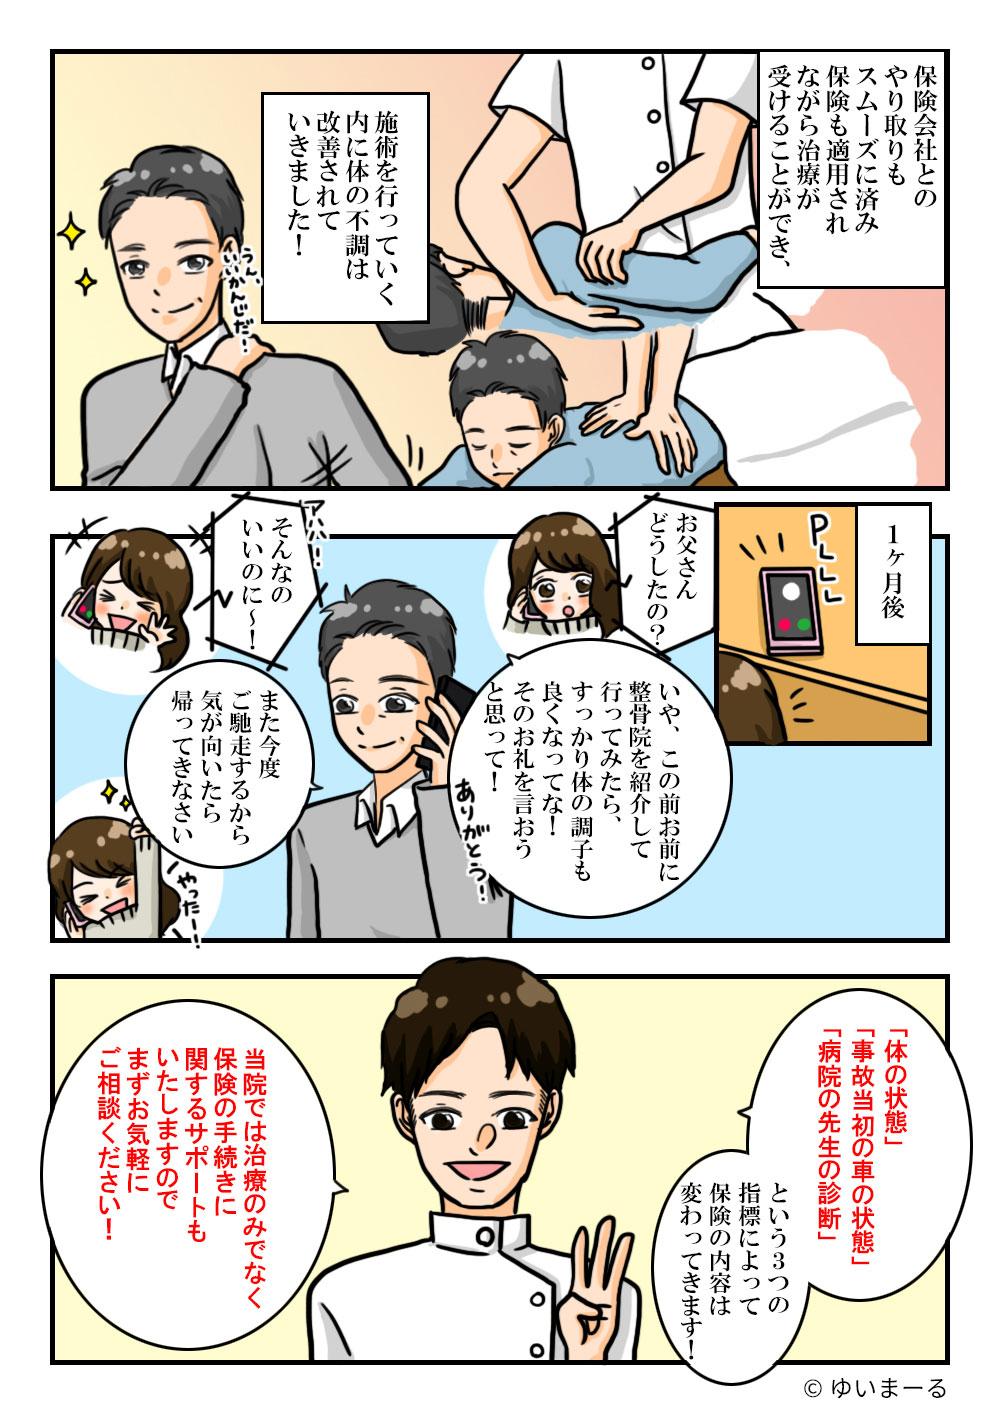 漫画4-5